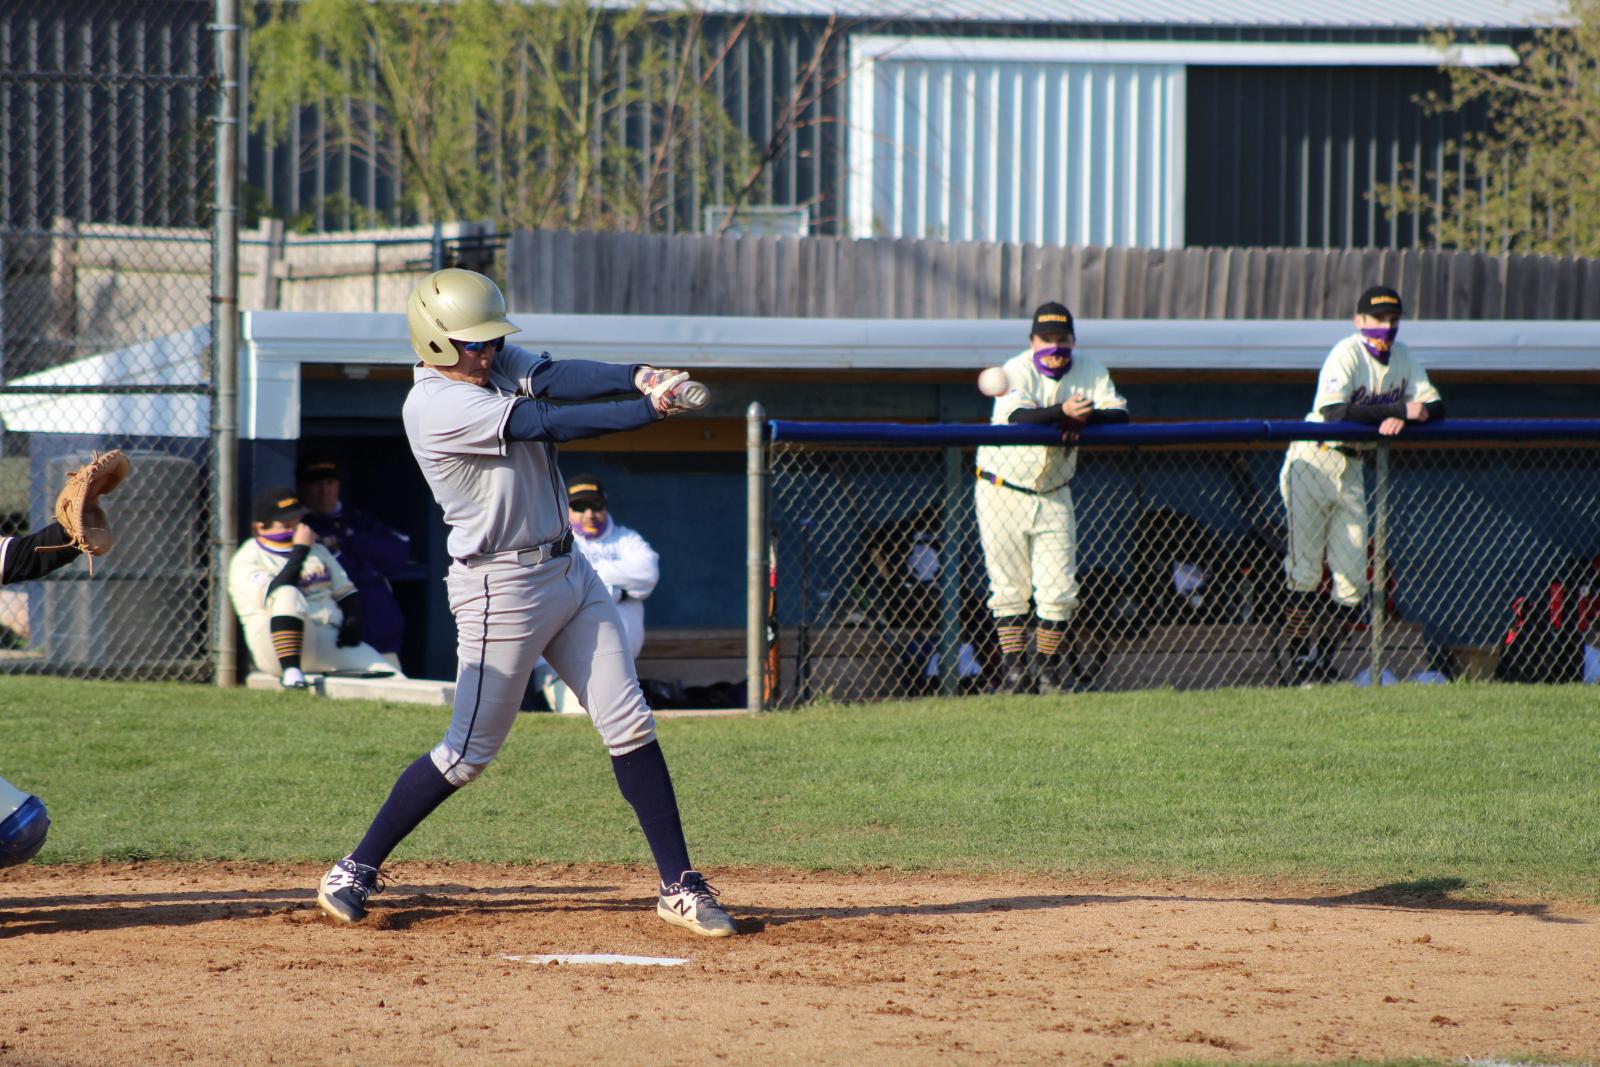 JV Baseball vs. SB Clay  4/21/21  (Photo Gallery)